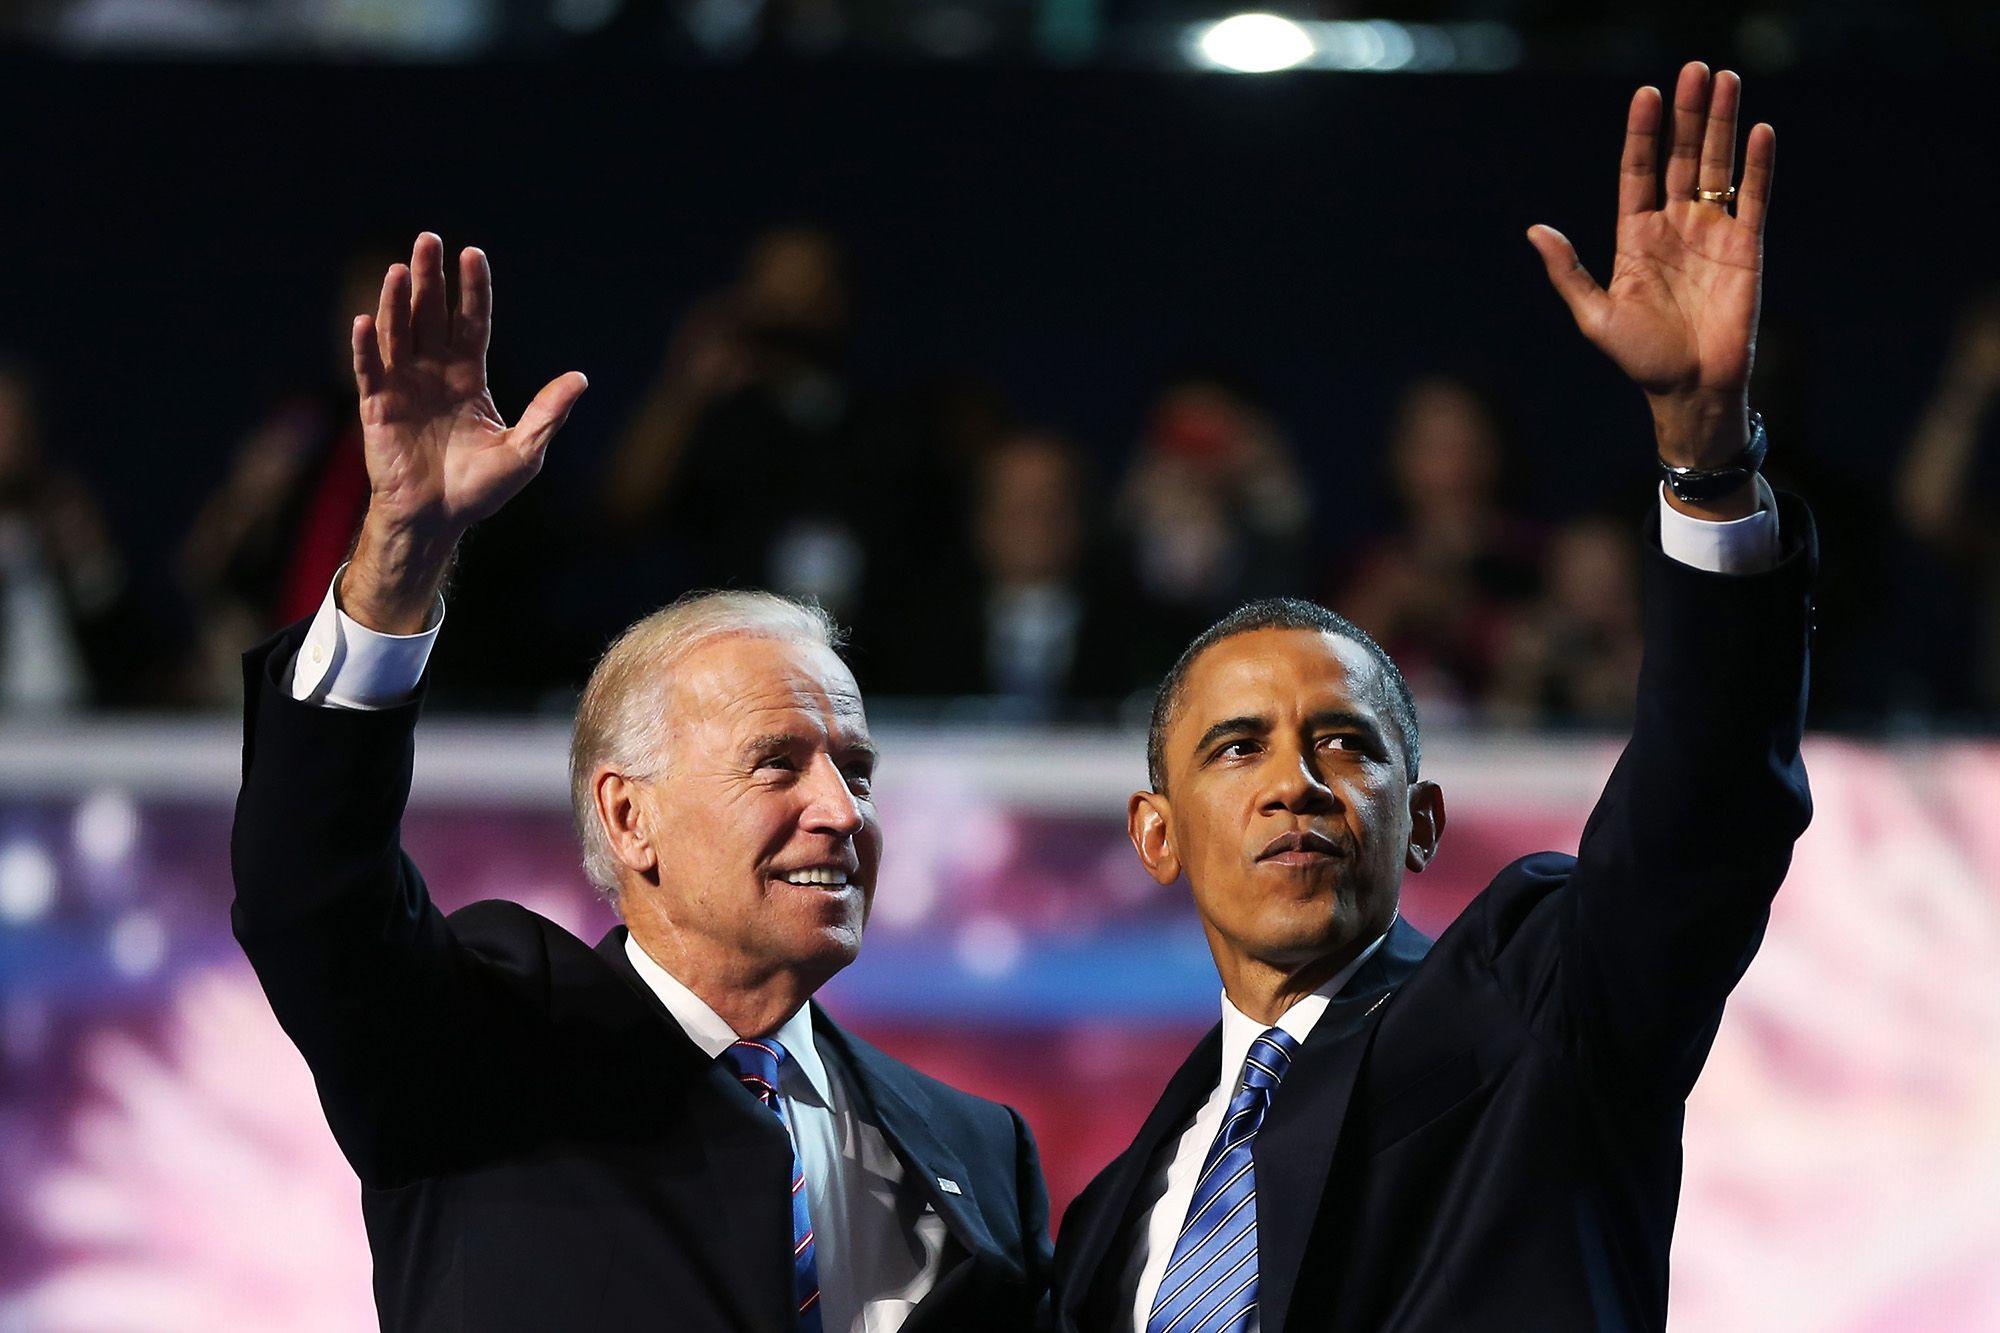 Ông Obama trực tiếp vận động tranh cử cho người cũ Biden trong chặng cuối - Ảnh 1.